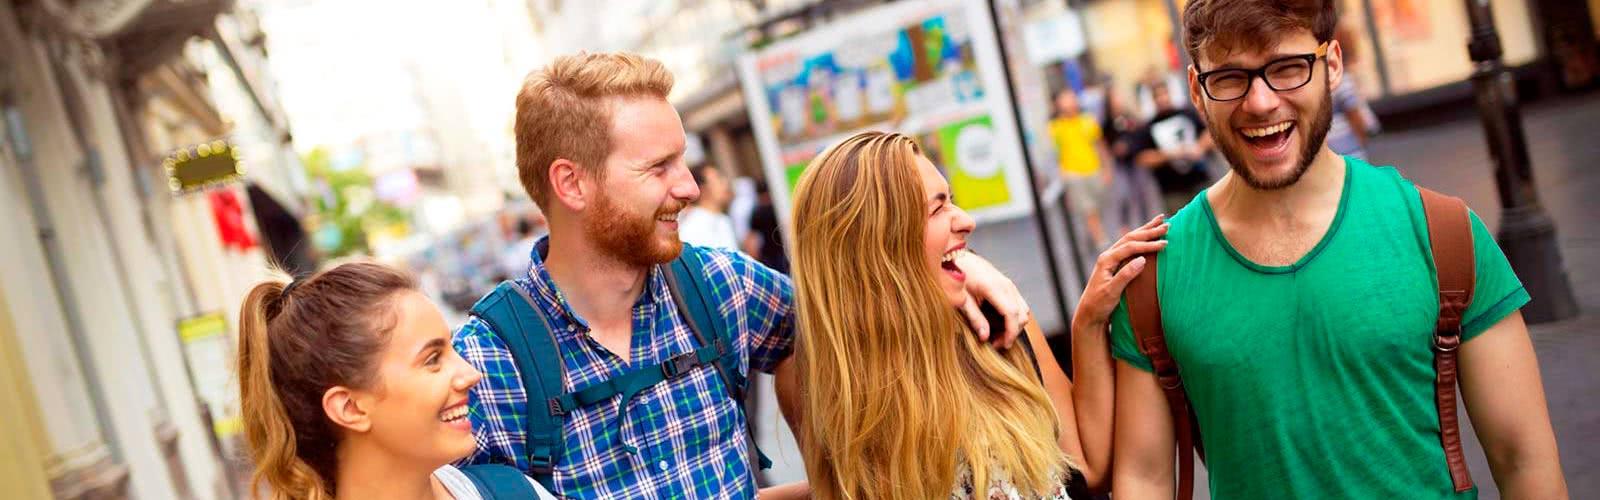 Cursos de idiomas para adultos y jóvenes en el extranjero